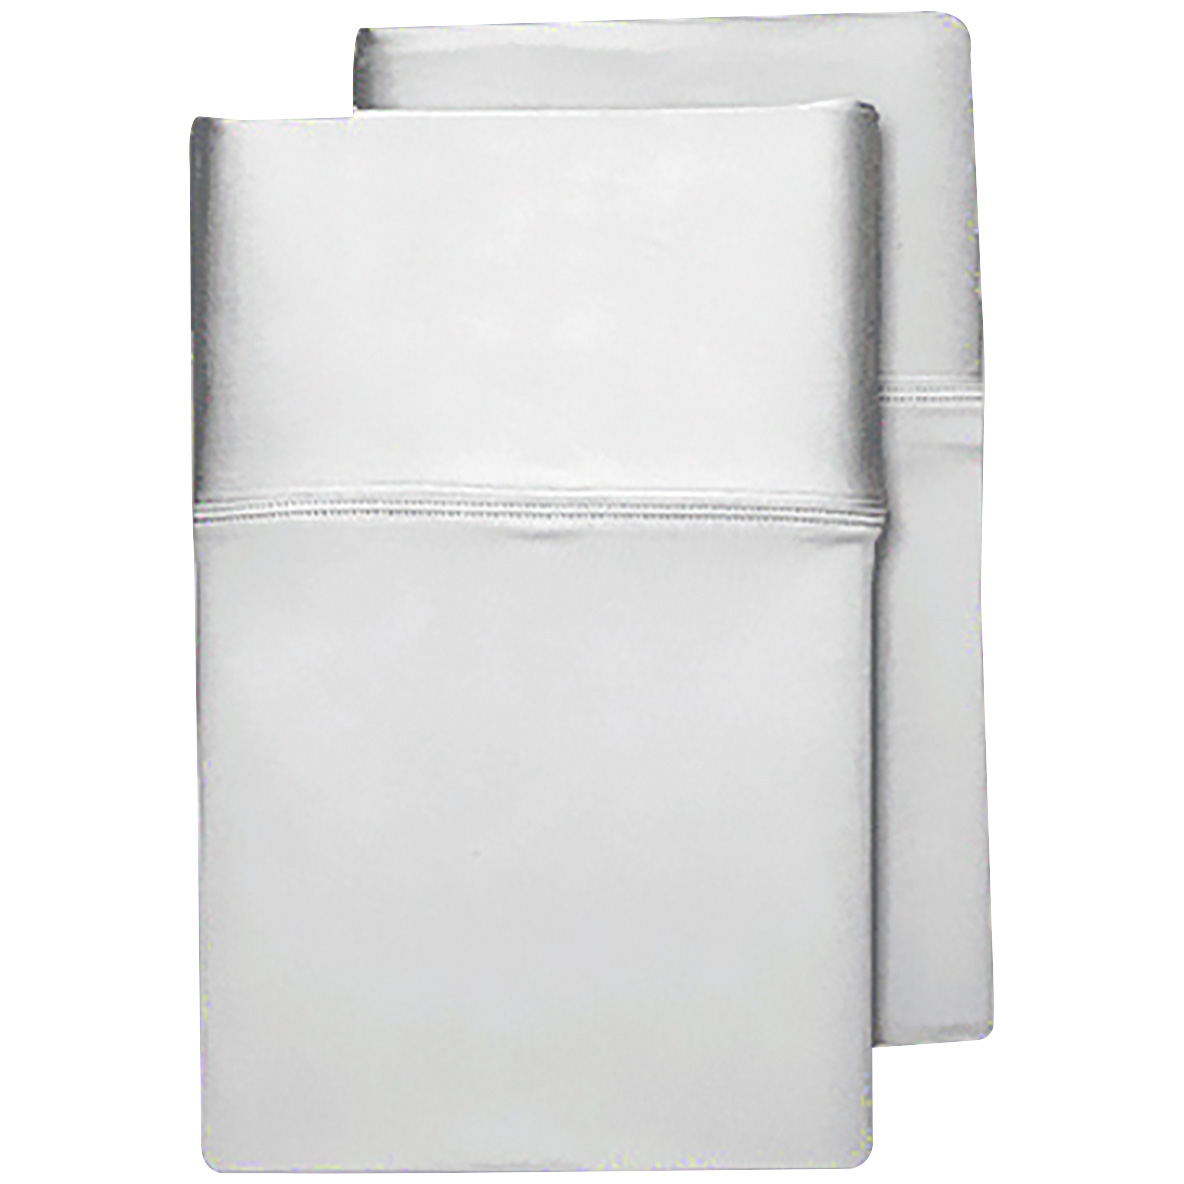 Sheex Inc. | SHEEX Aero Fit Bright White King Pillowcase Set